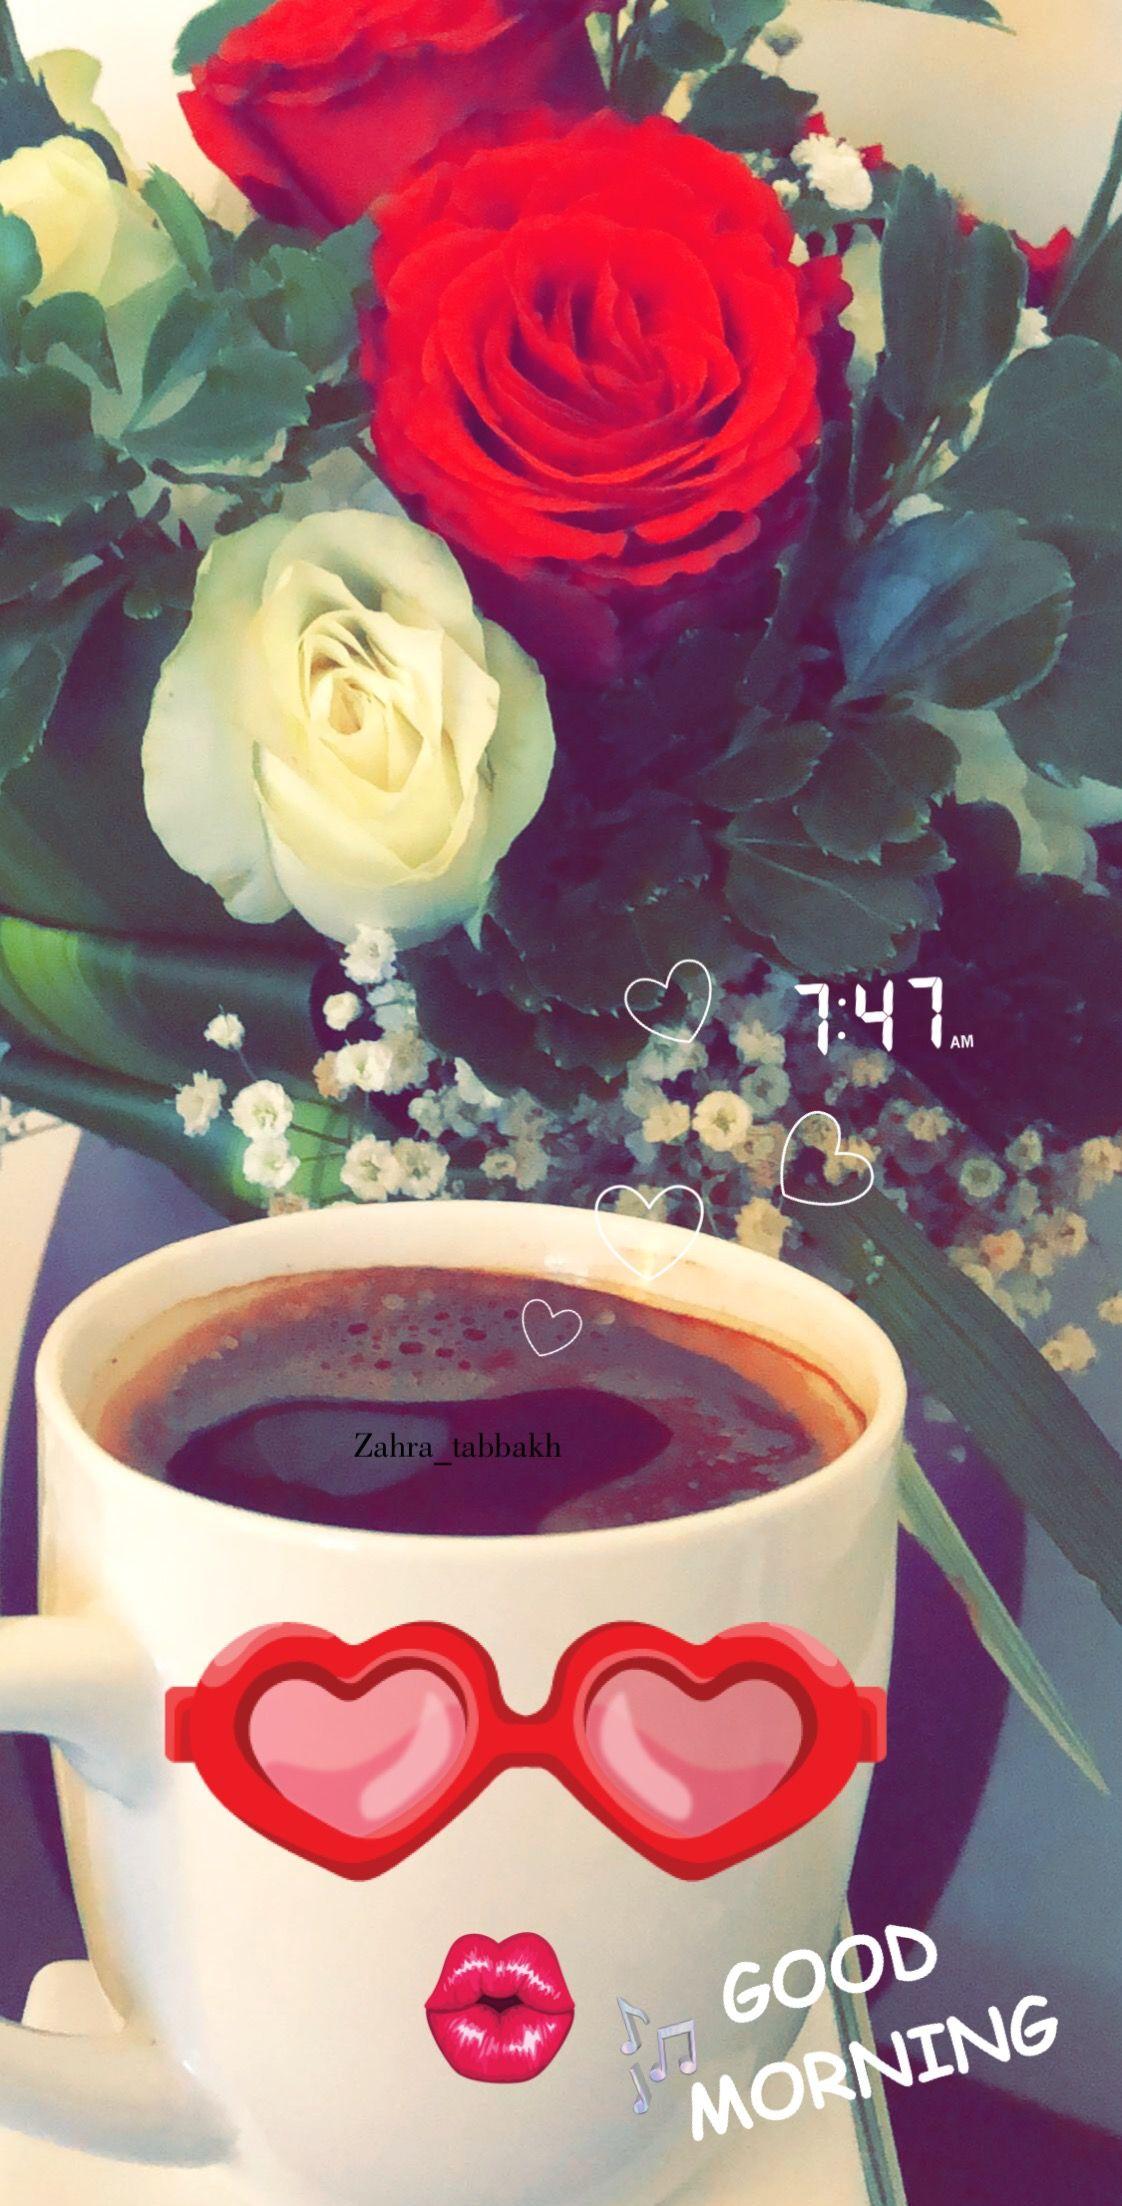 قهوتي قهوة صباحالخير صباحالورد سنابات اقتباسات بيسيات دعاء جمعةمباركة جمعة صباحات صباح سنابي سناب ص Morning Greeting My Coffee Birthday Cake